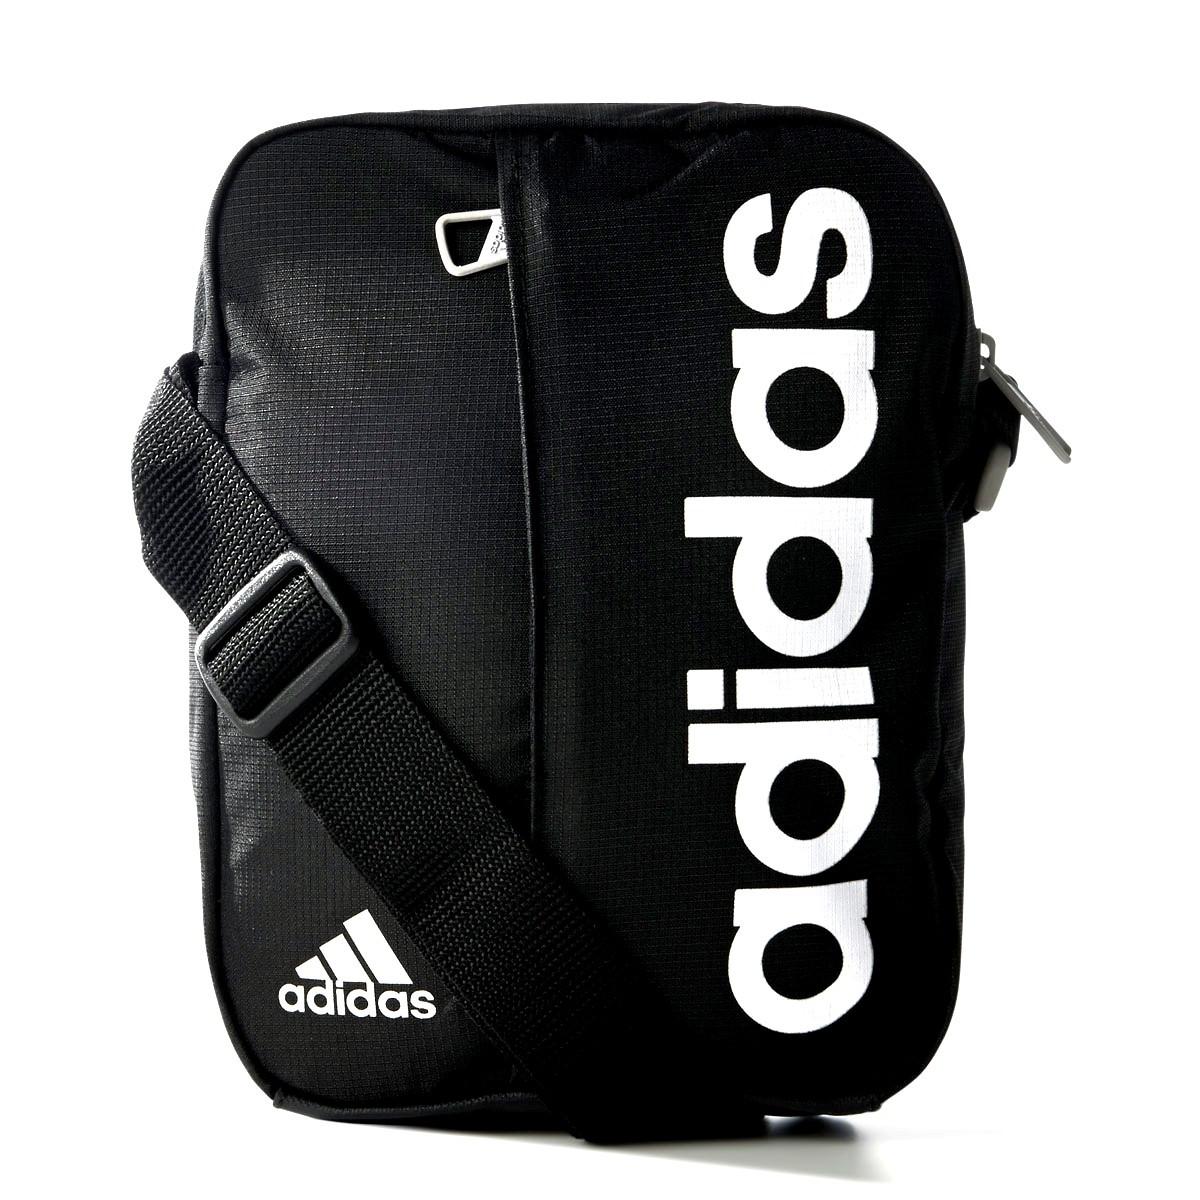 Органайзер спортивный adidas LIN PER M67762 (черный, передний карман с молнией, внутренний карман, адидас)